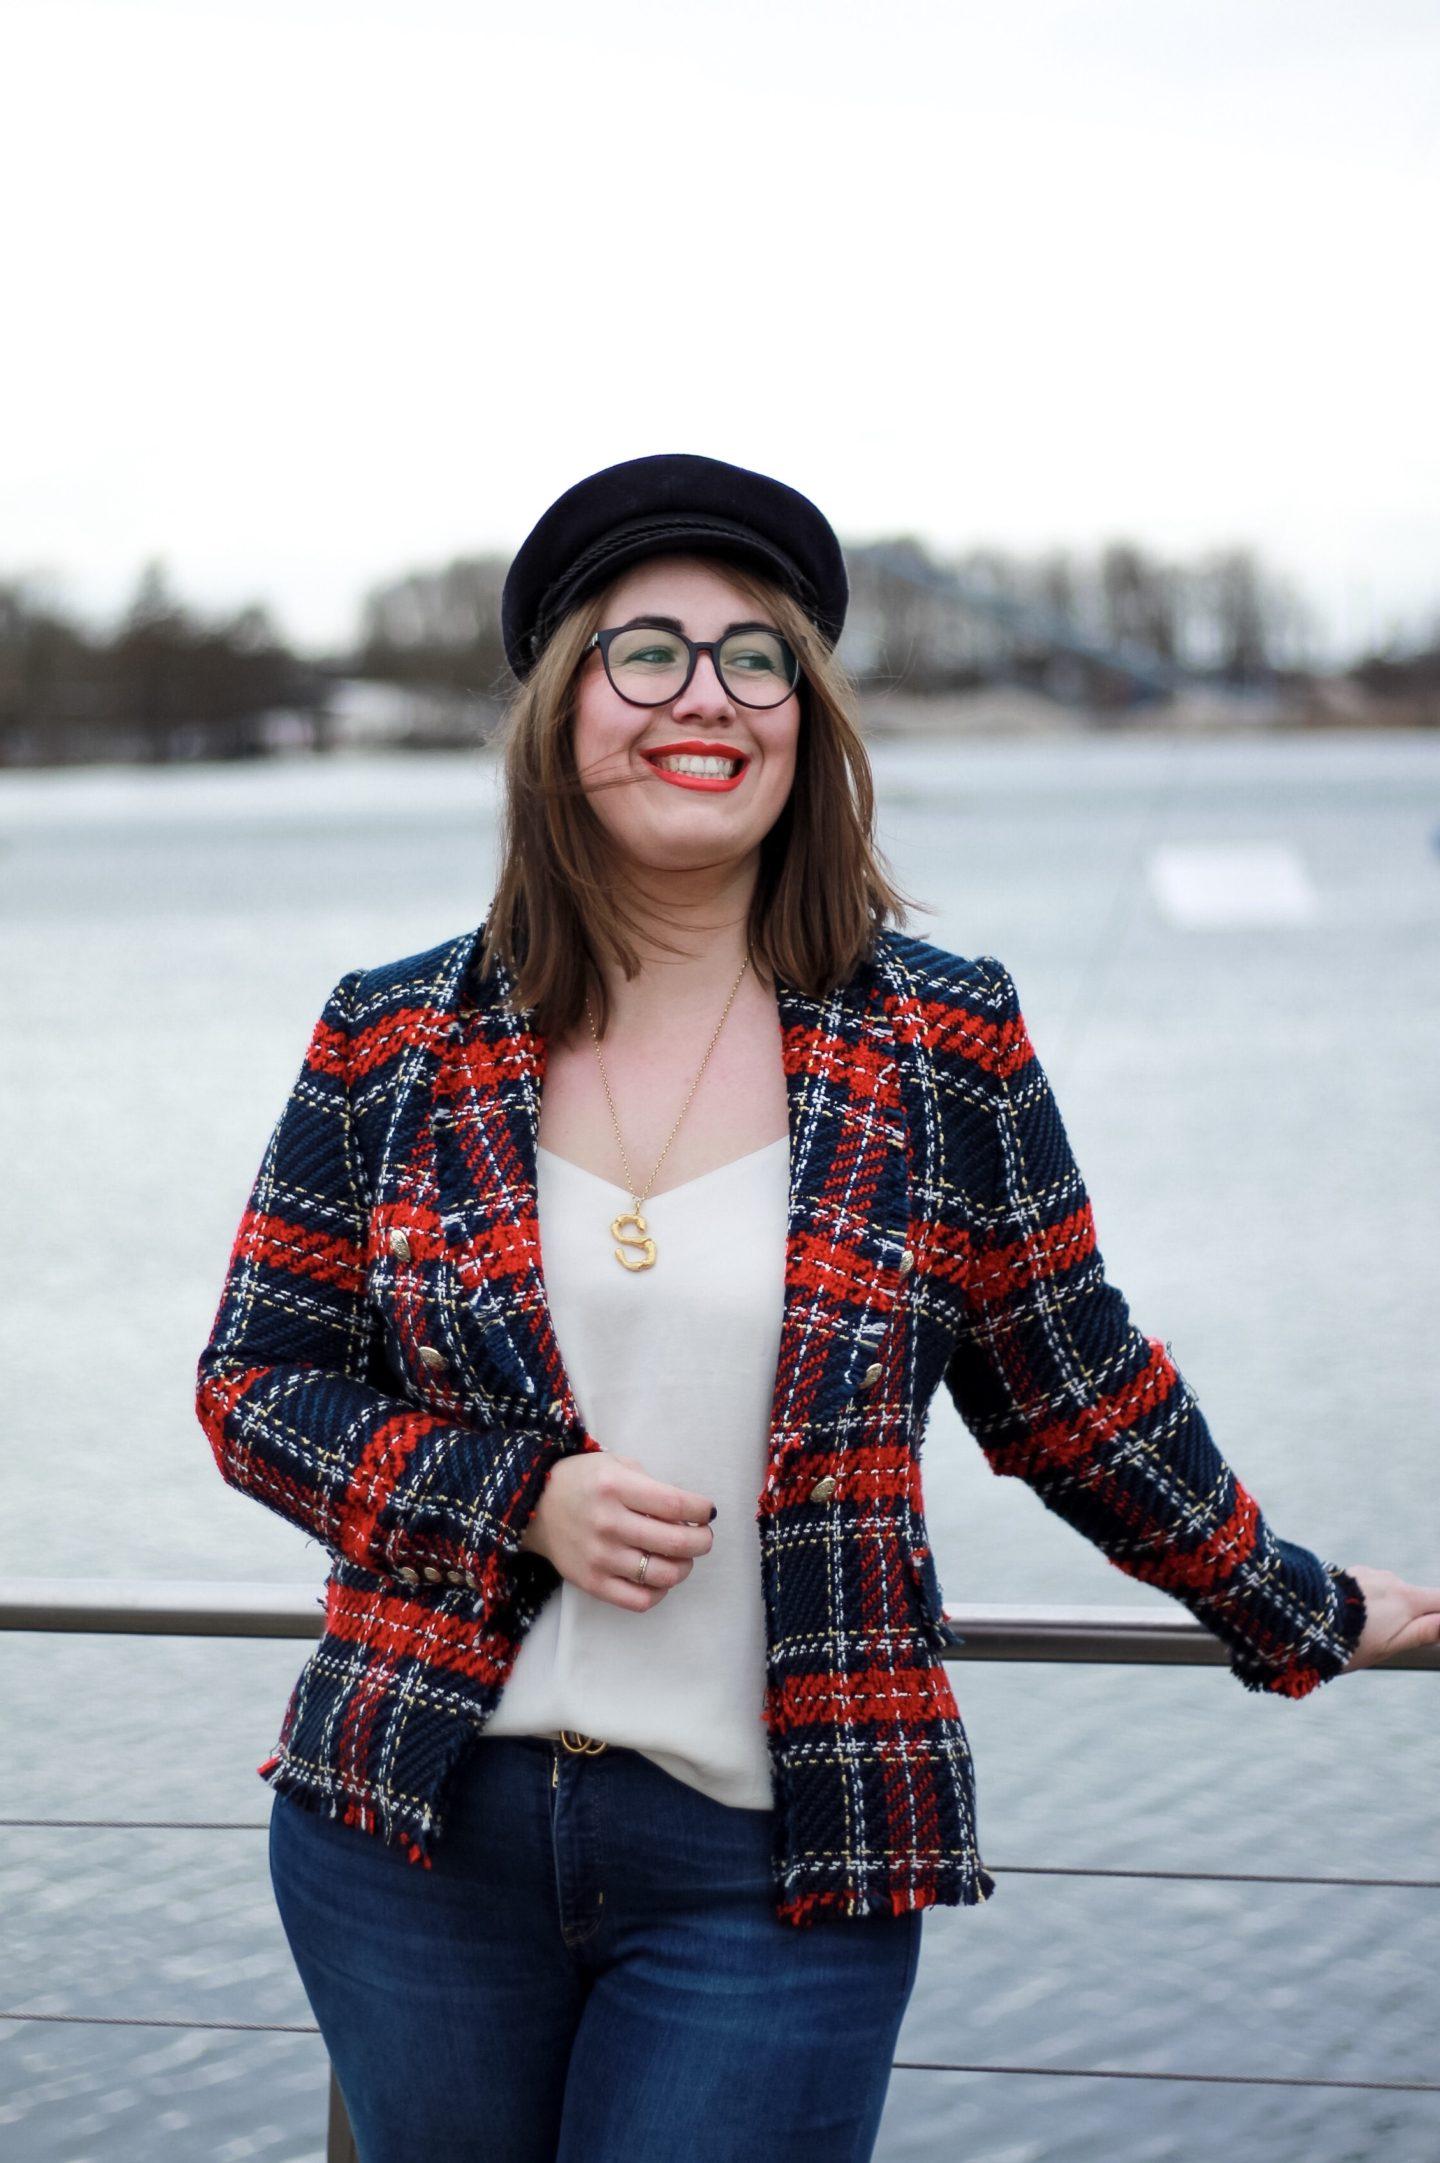 Susanne-Heidebach-Miss-Suzie-Loves-Kolumne-Uber-das-Alter-werden-karierter-Zara-Blazer-Tweed-Wind-Elbsegler